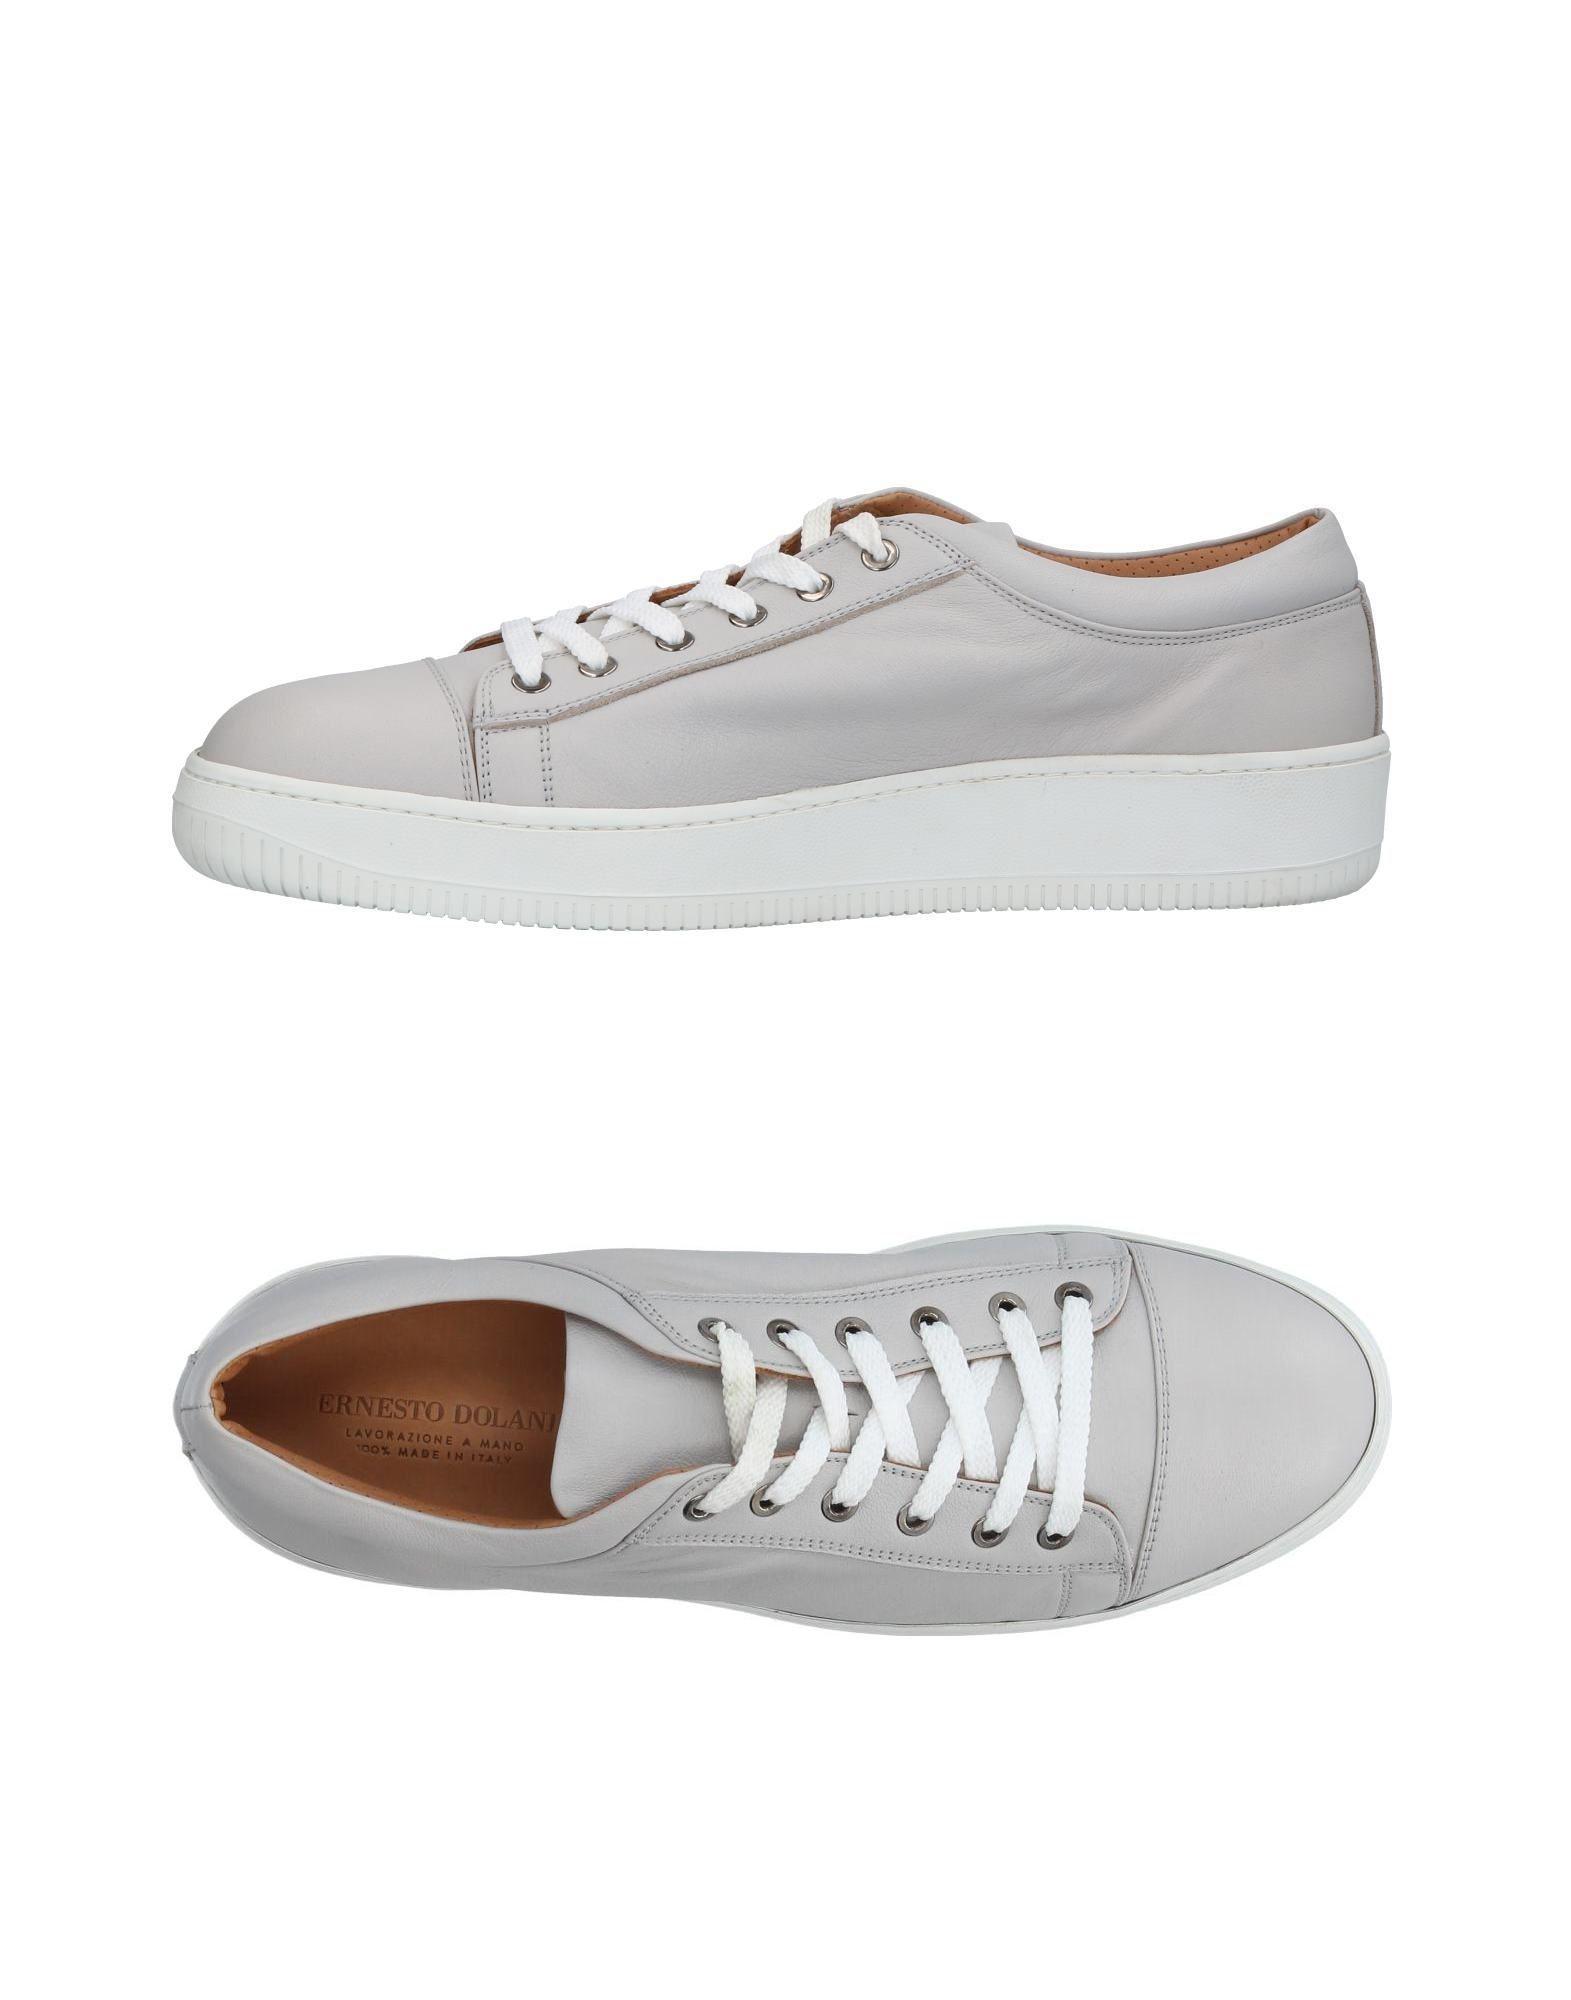 FOOTWEAR - Low-tops & sneakers Ernesto Dolani 2hc8x